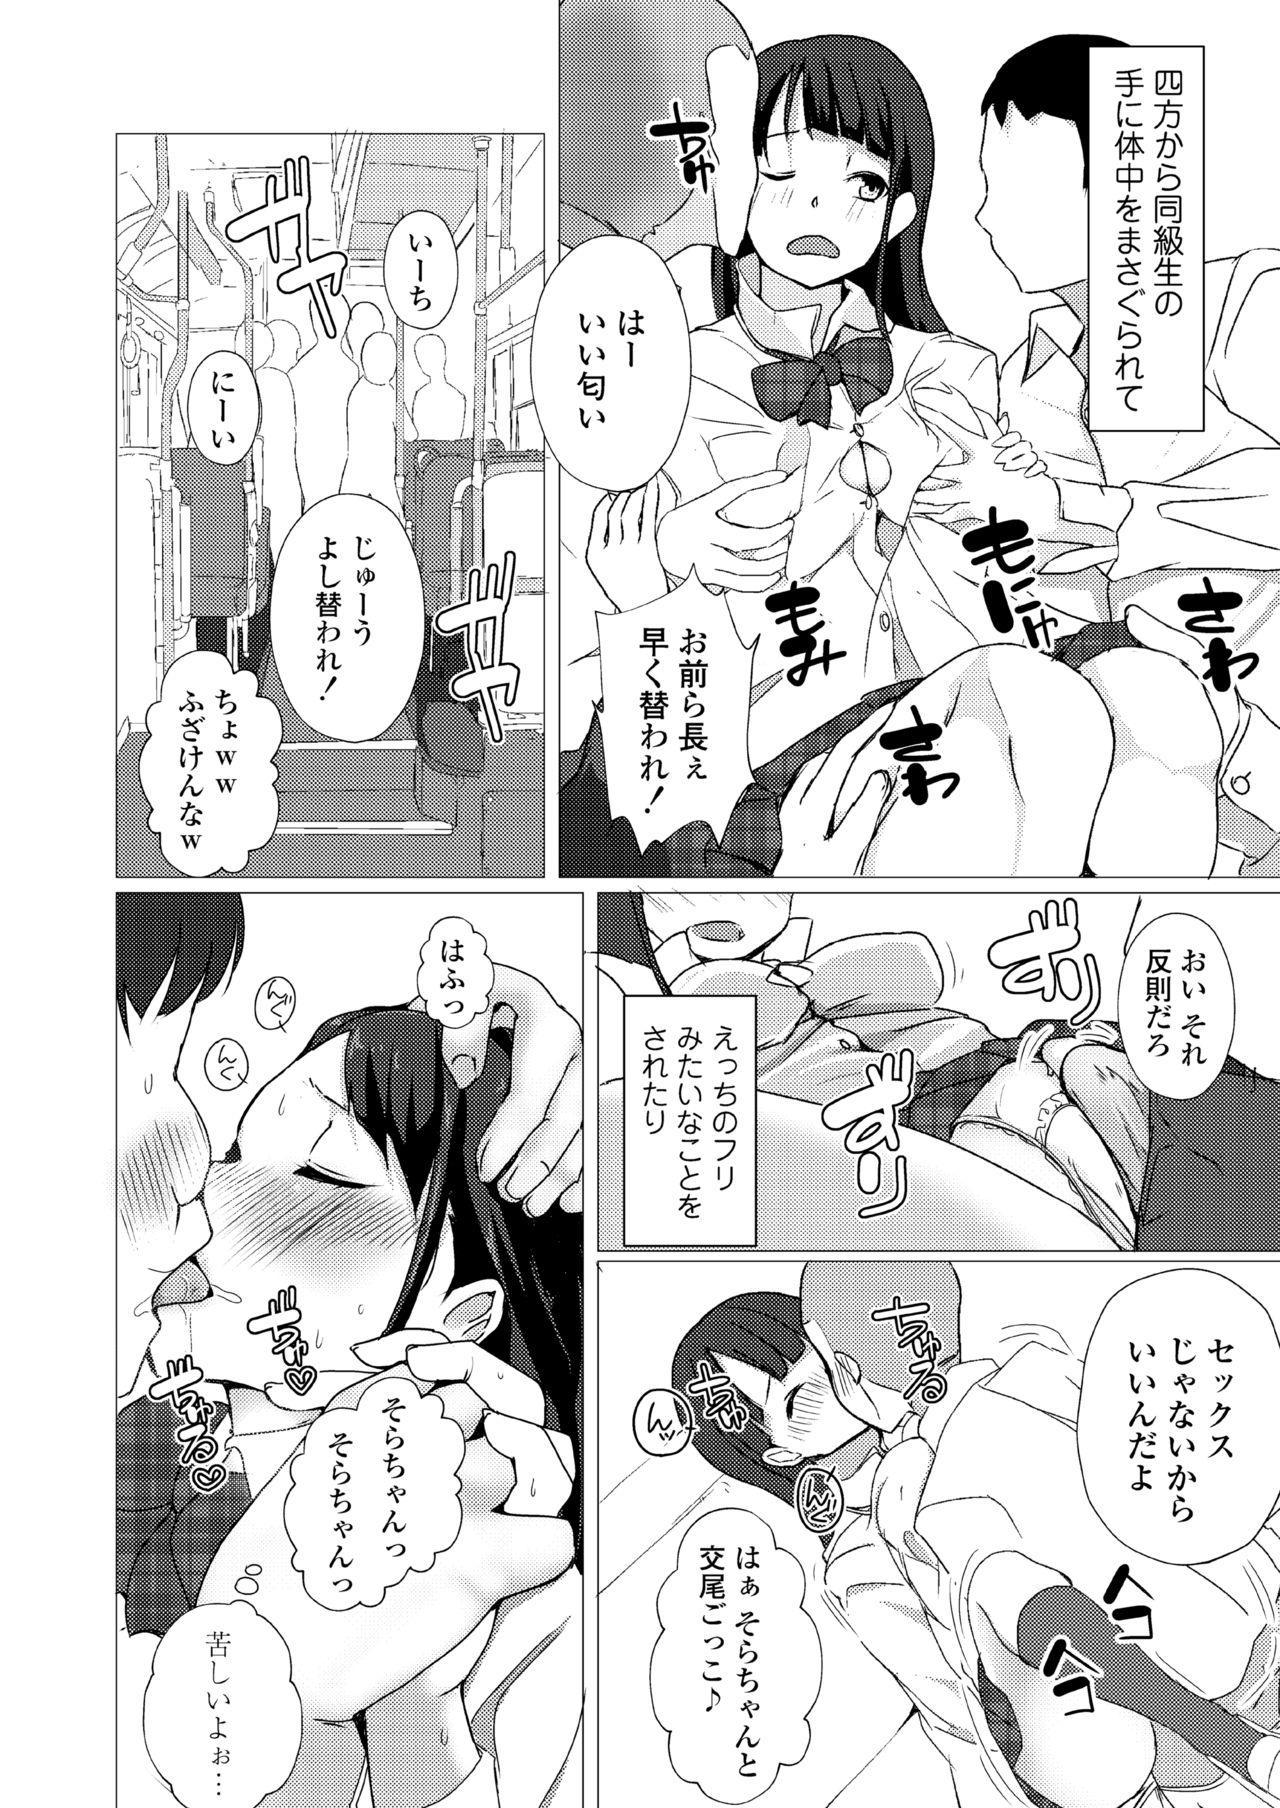 Kotowarenai Musume Ecchi na Karada de Oshiniyowai Seiyuu Shibou no Ko ga Free Sex Gakuen ni Nyuugaku Shichattara 5